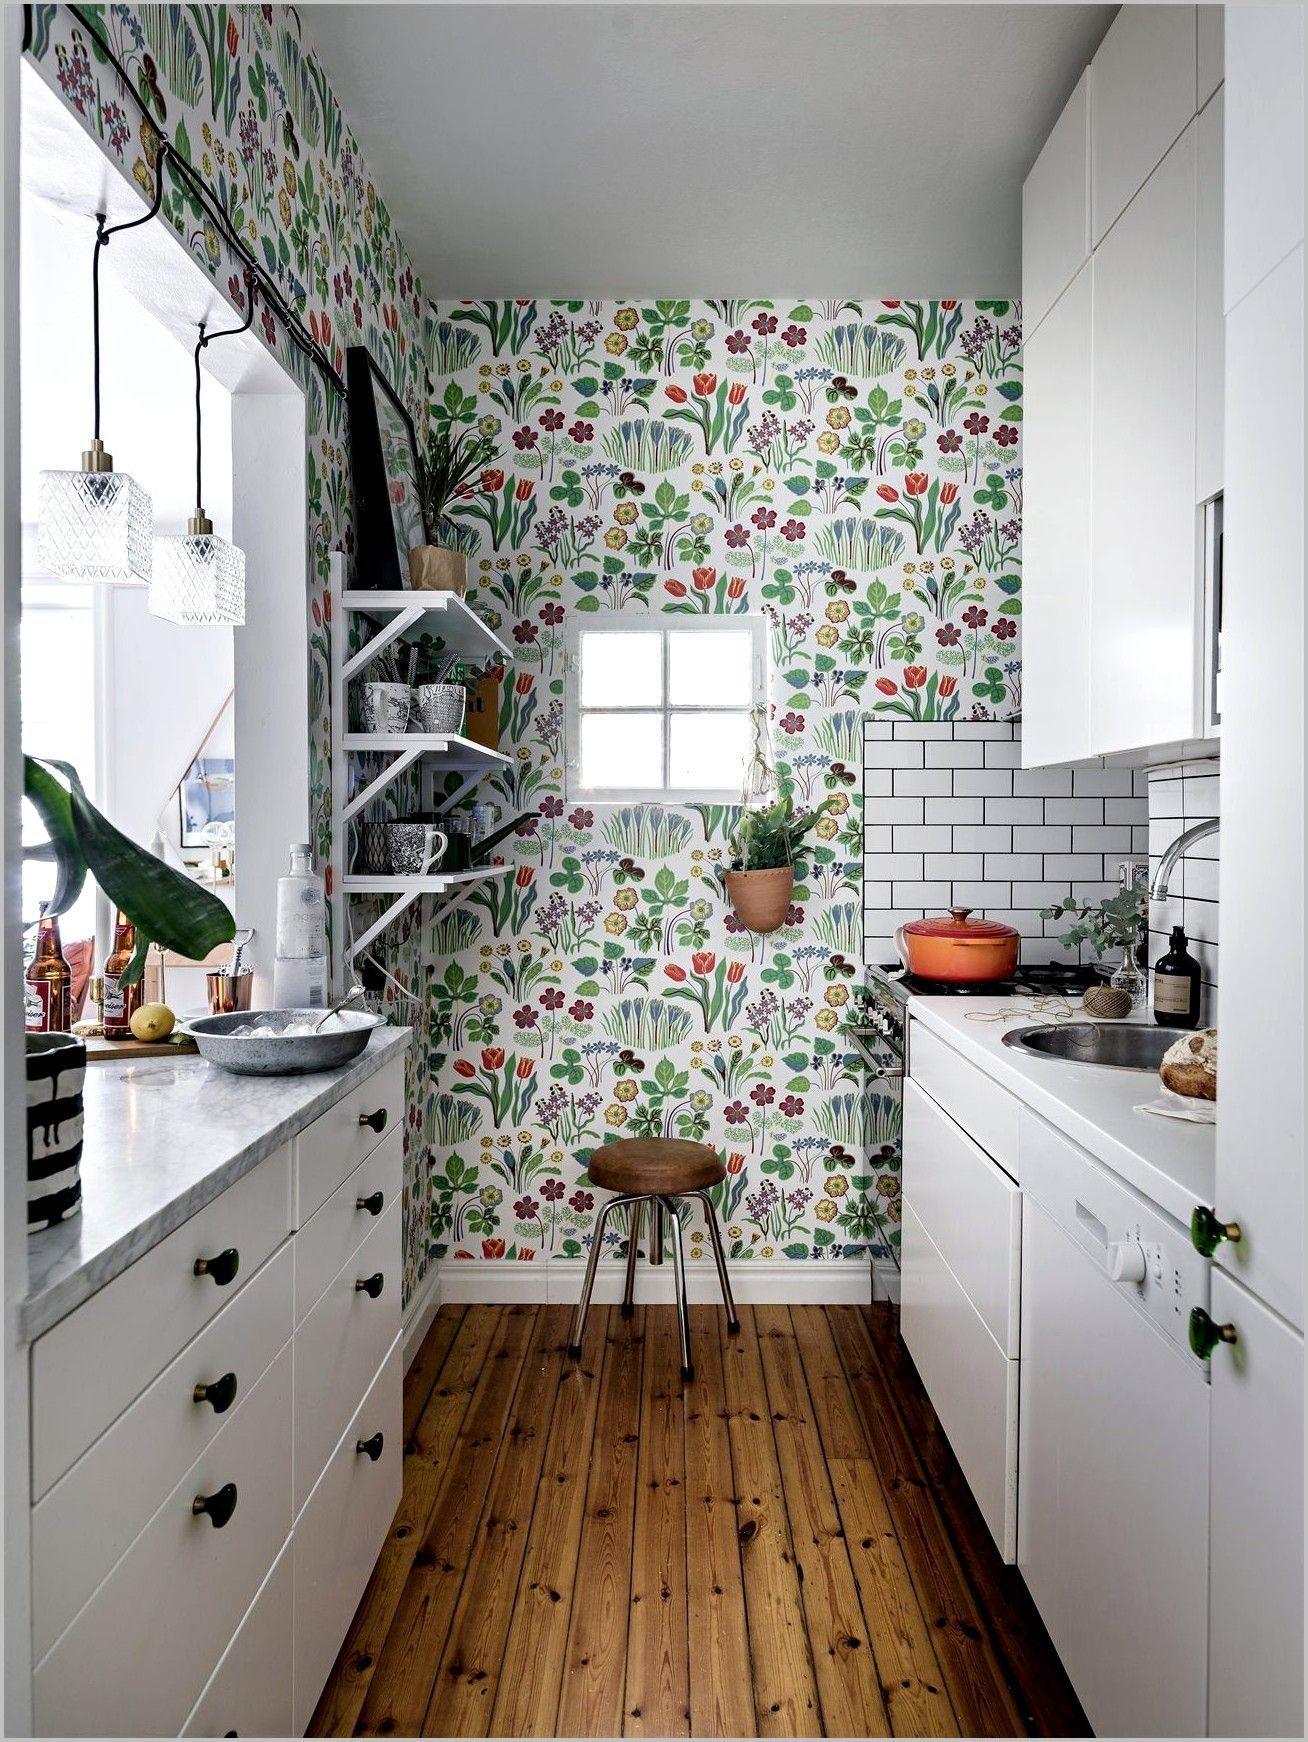 Papier Peint Pour Cuisine papier peint tendance nordique pour cuisine in 2020